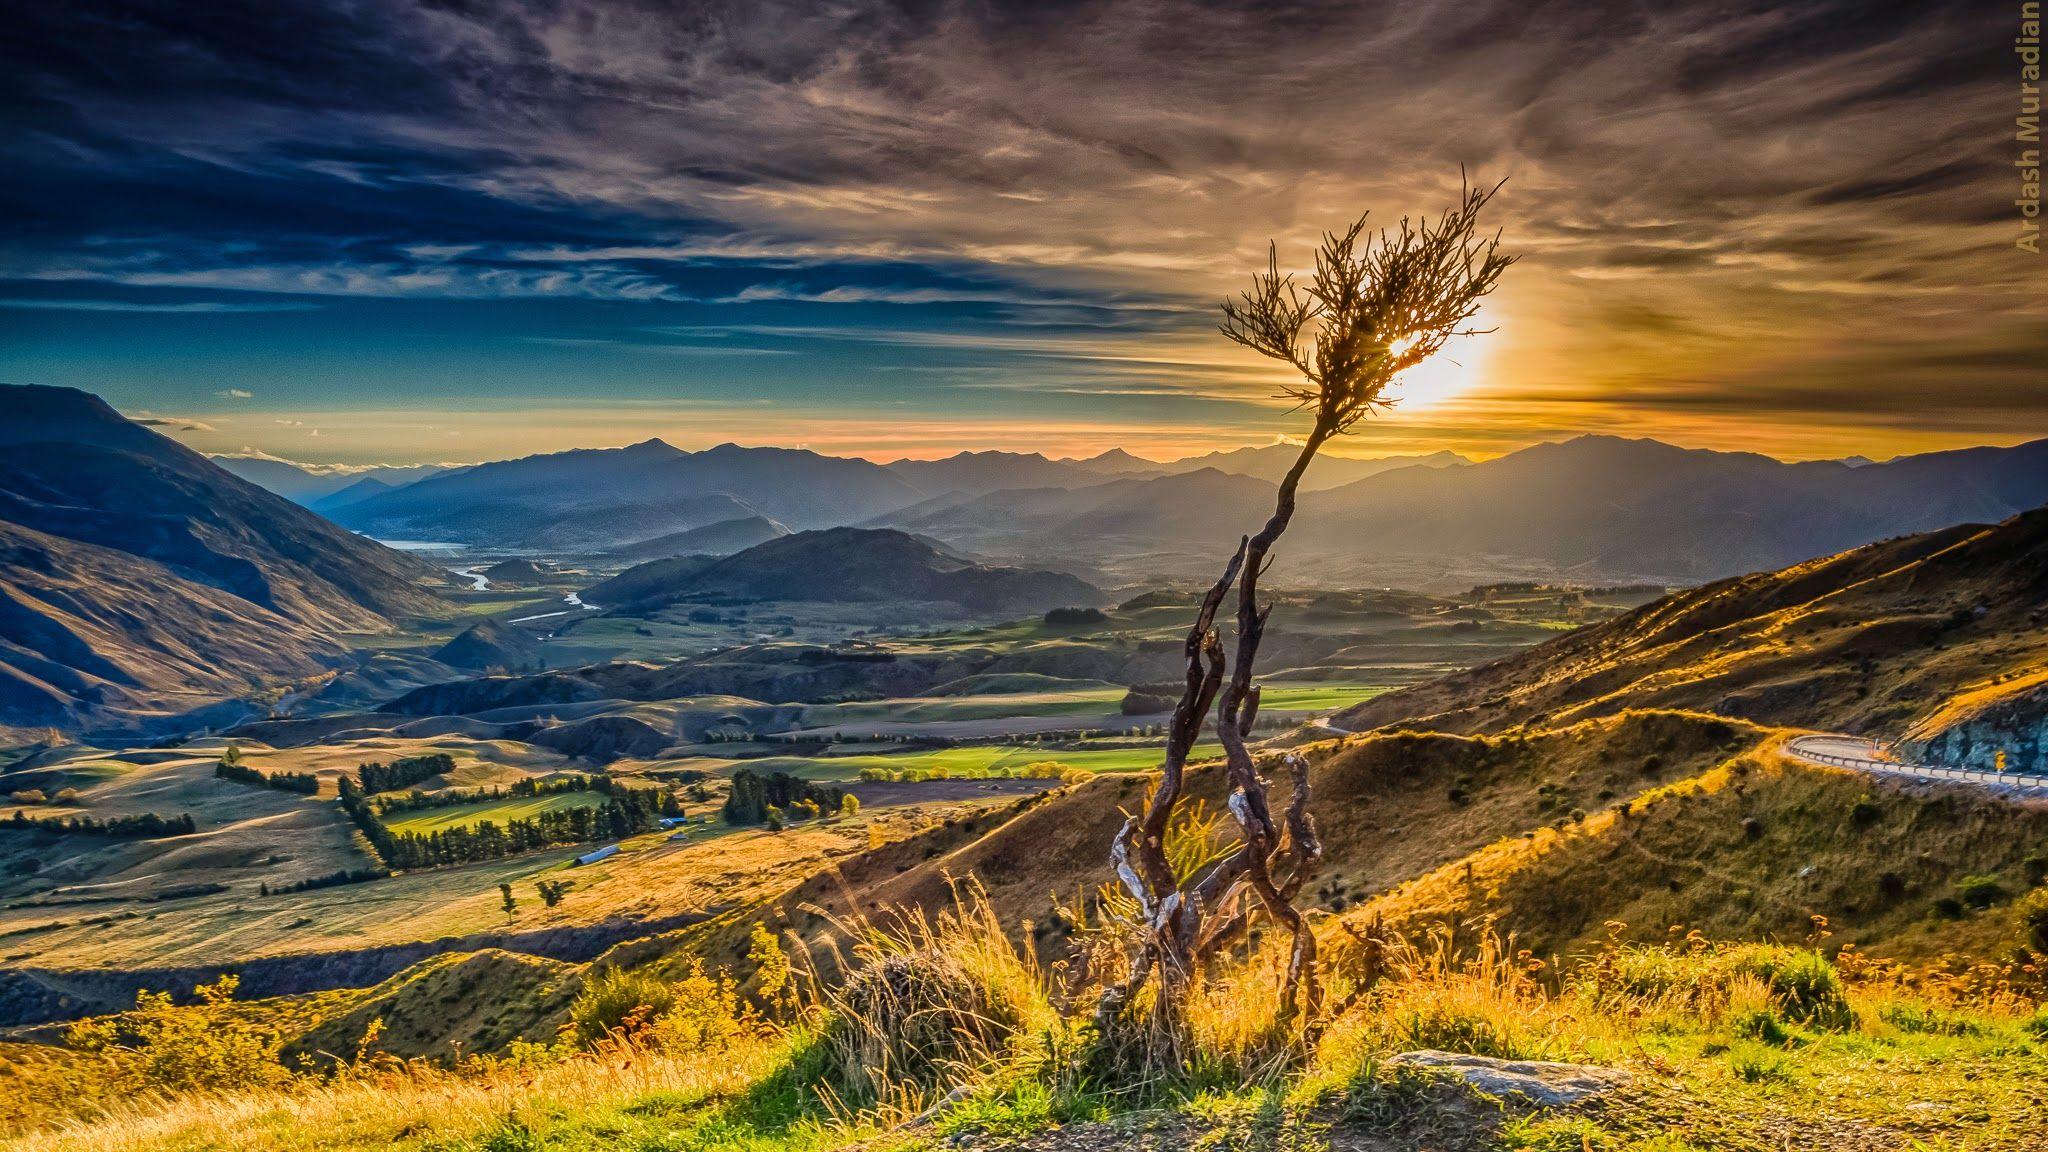 Merveilleux dégradé de couleurs en Nouvelle-Zélande